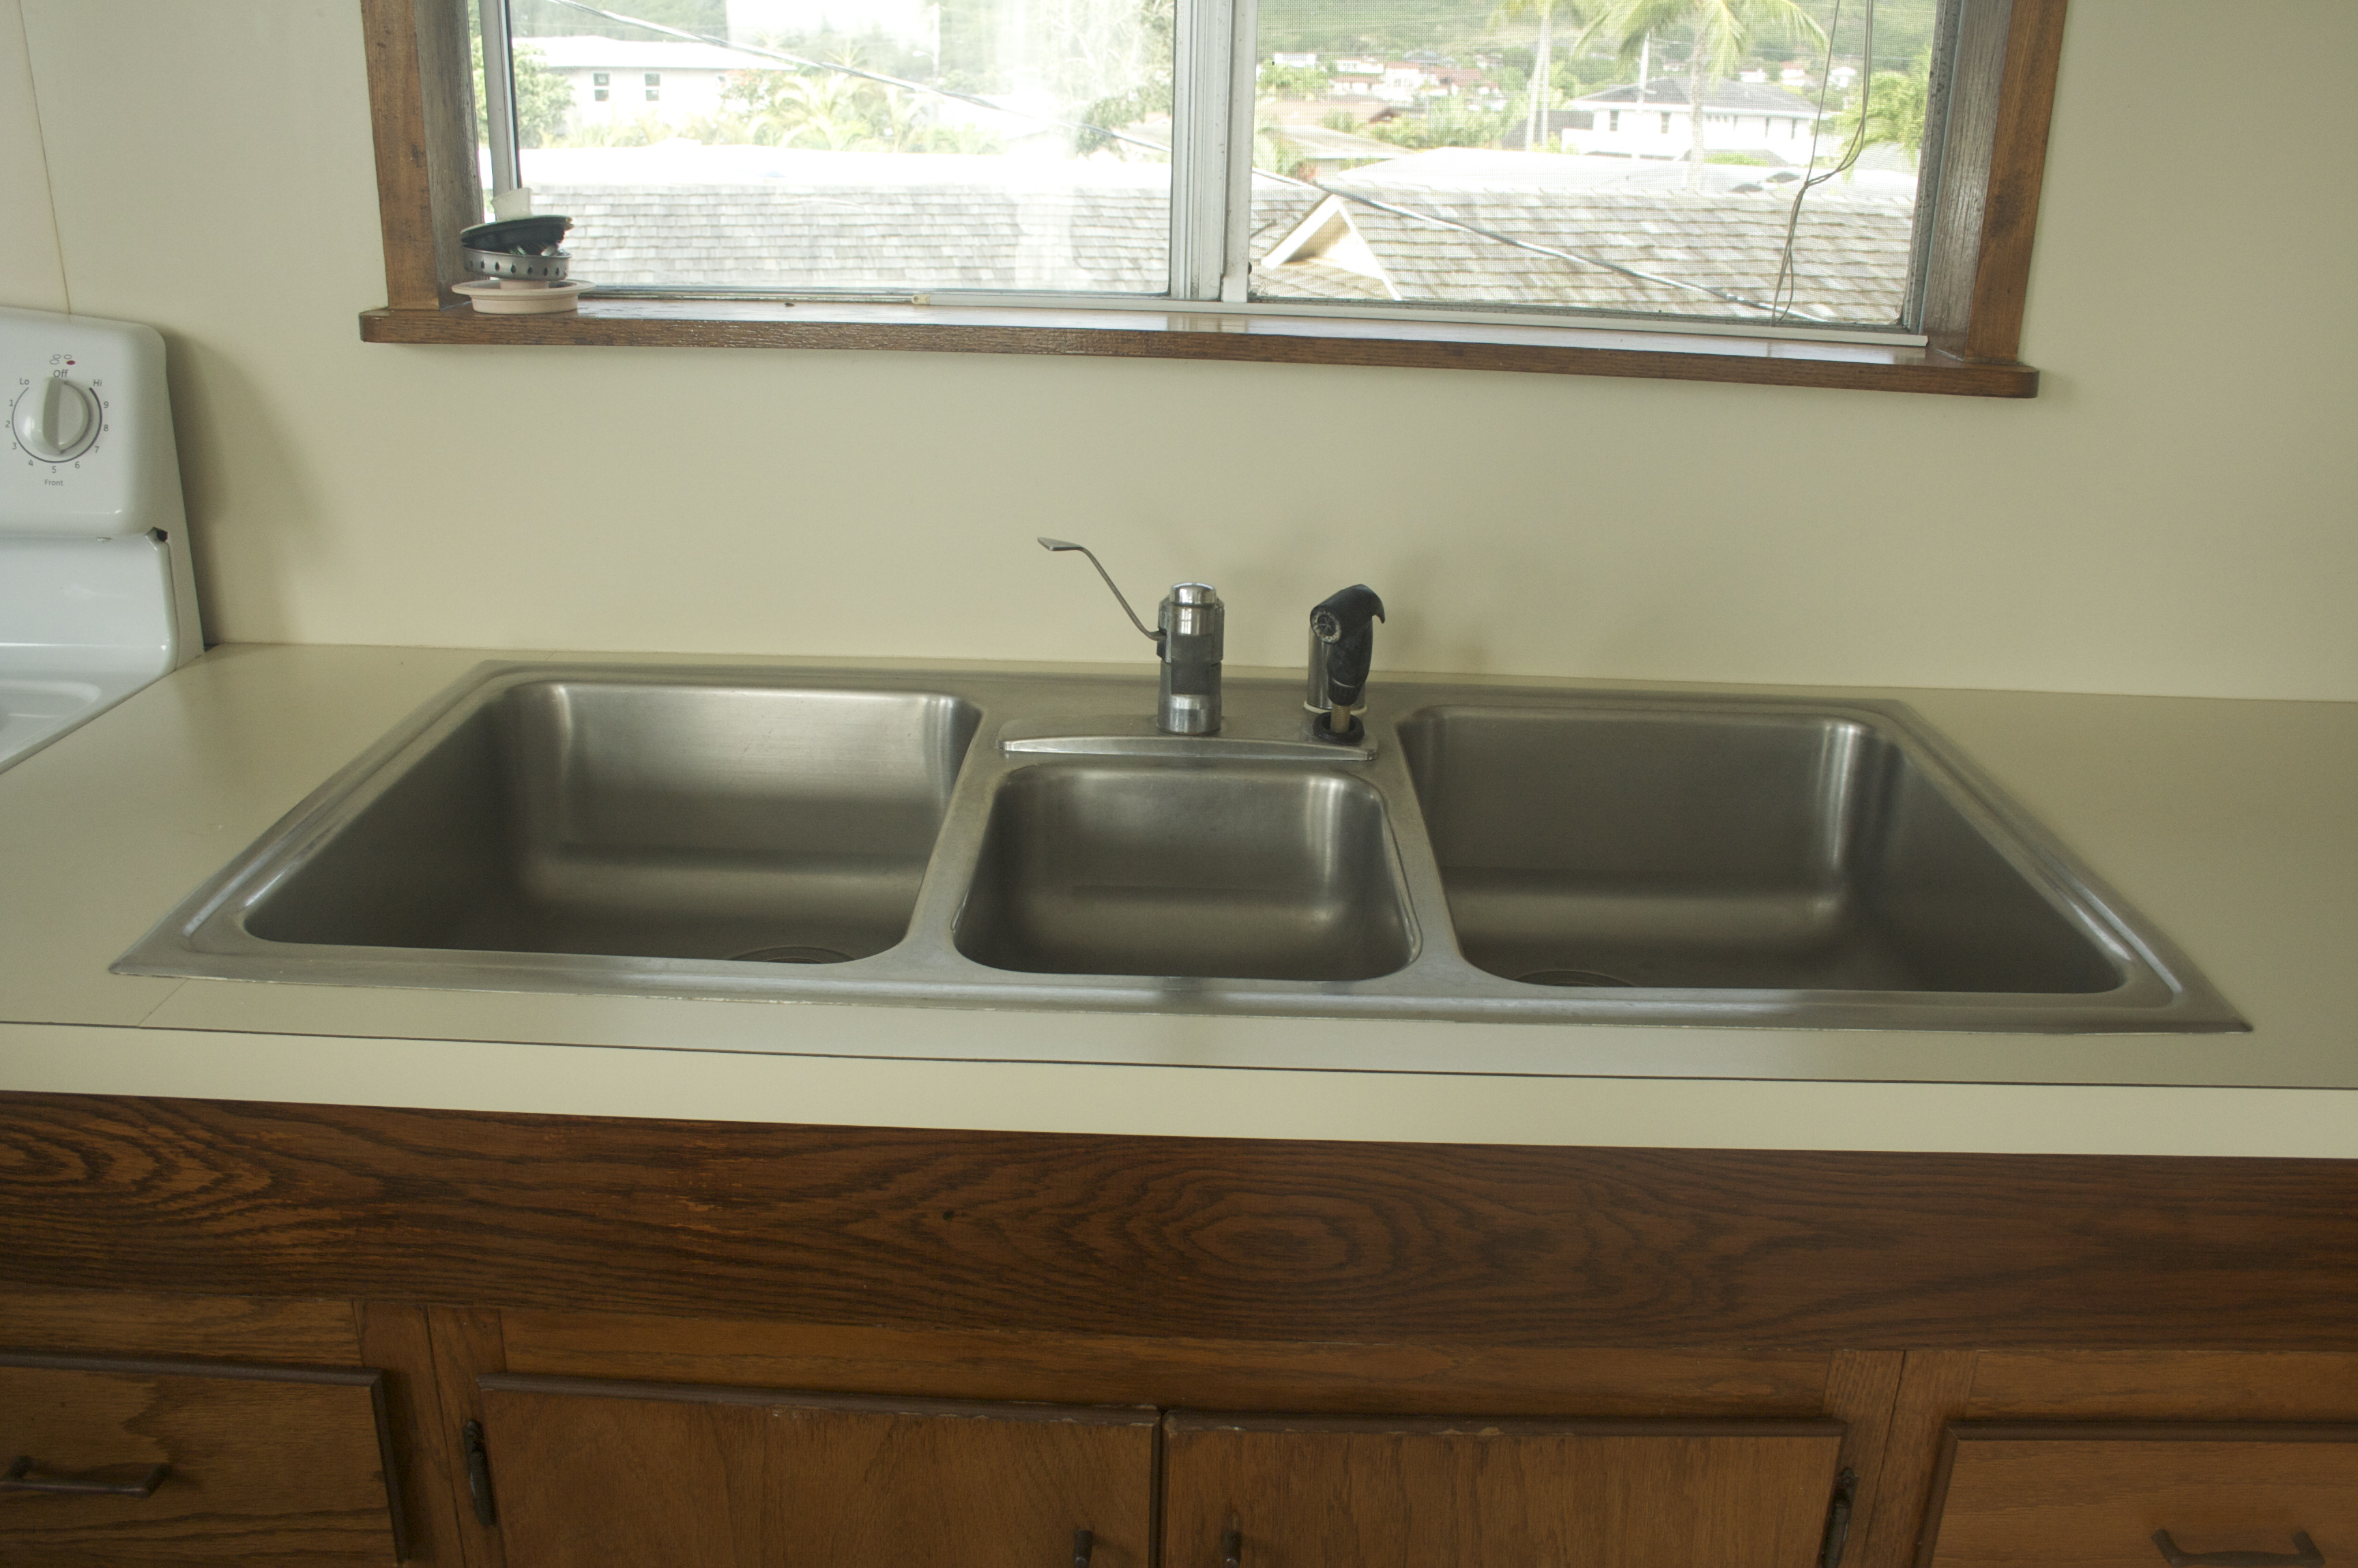 Triple Sink : File:Triple sink.jpg - Wikimedia Commons